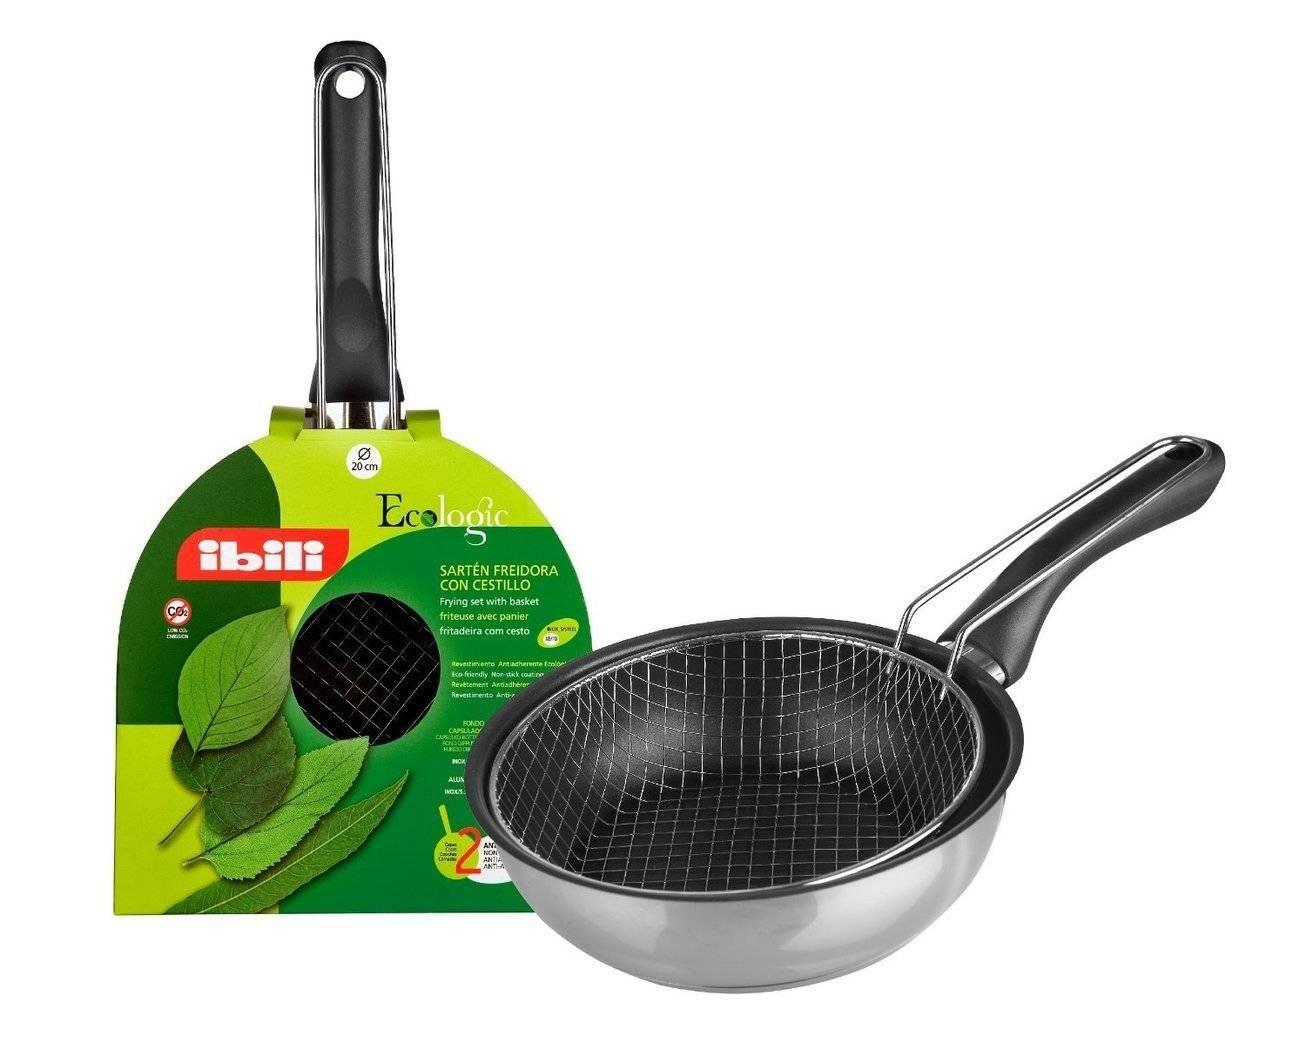 Fritovací pánev 24cm Ecologic - Ibili